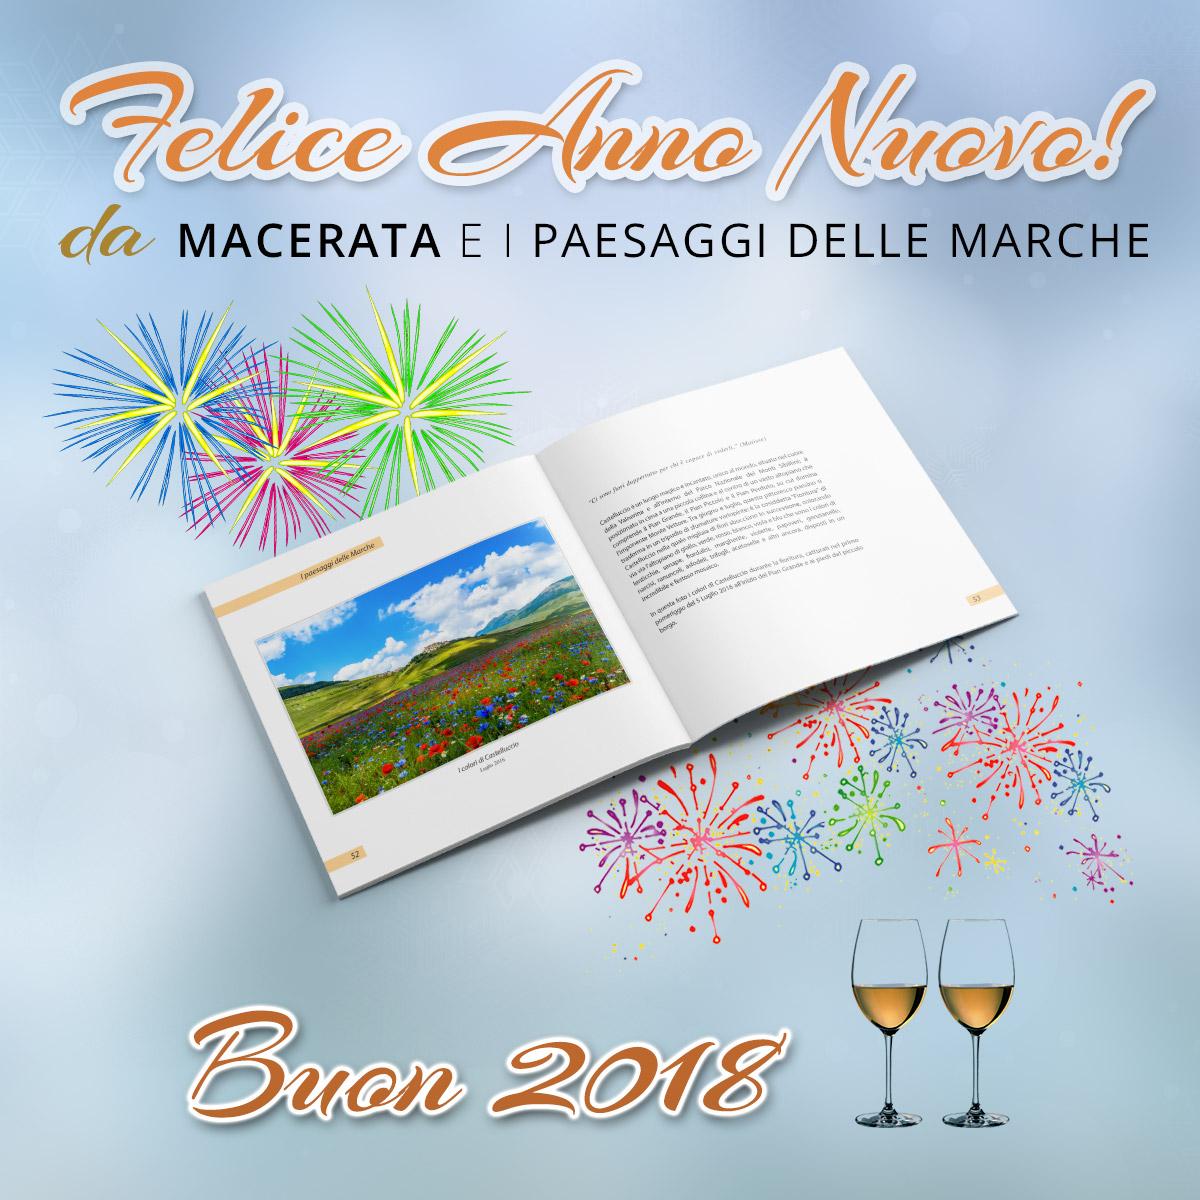 Buon 2018 da Macerata e i paesaggi delle Marche